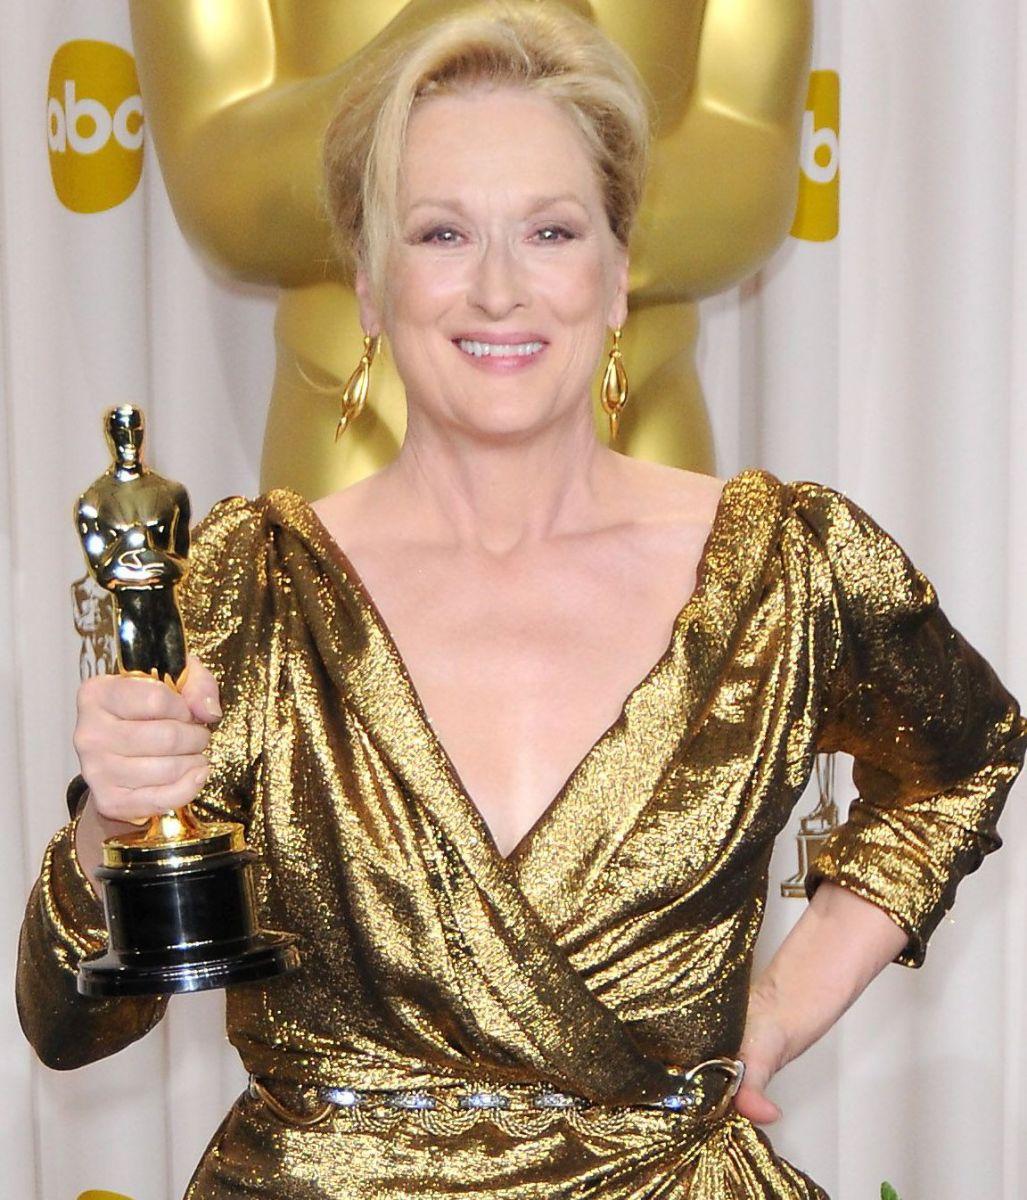 В 2012 году Мэрил Стрип удостоилась третьей награды «Оскар» - за роль в байопике о Маргарет Тетчер «Железная леди».